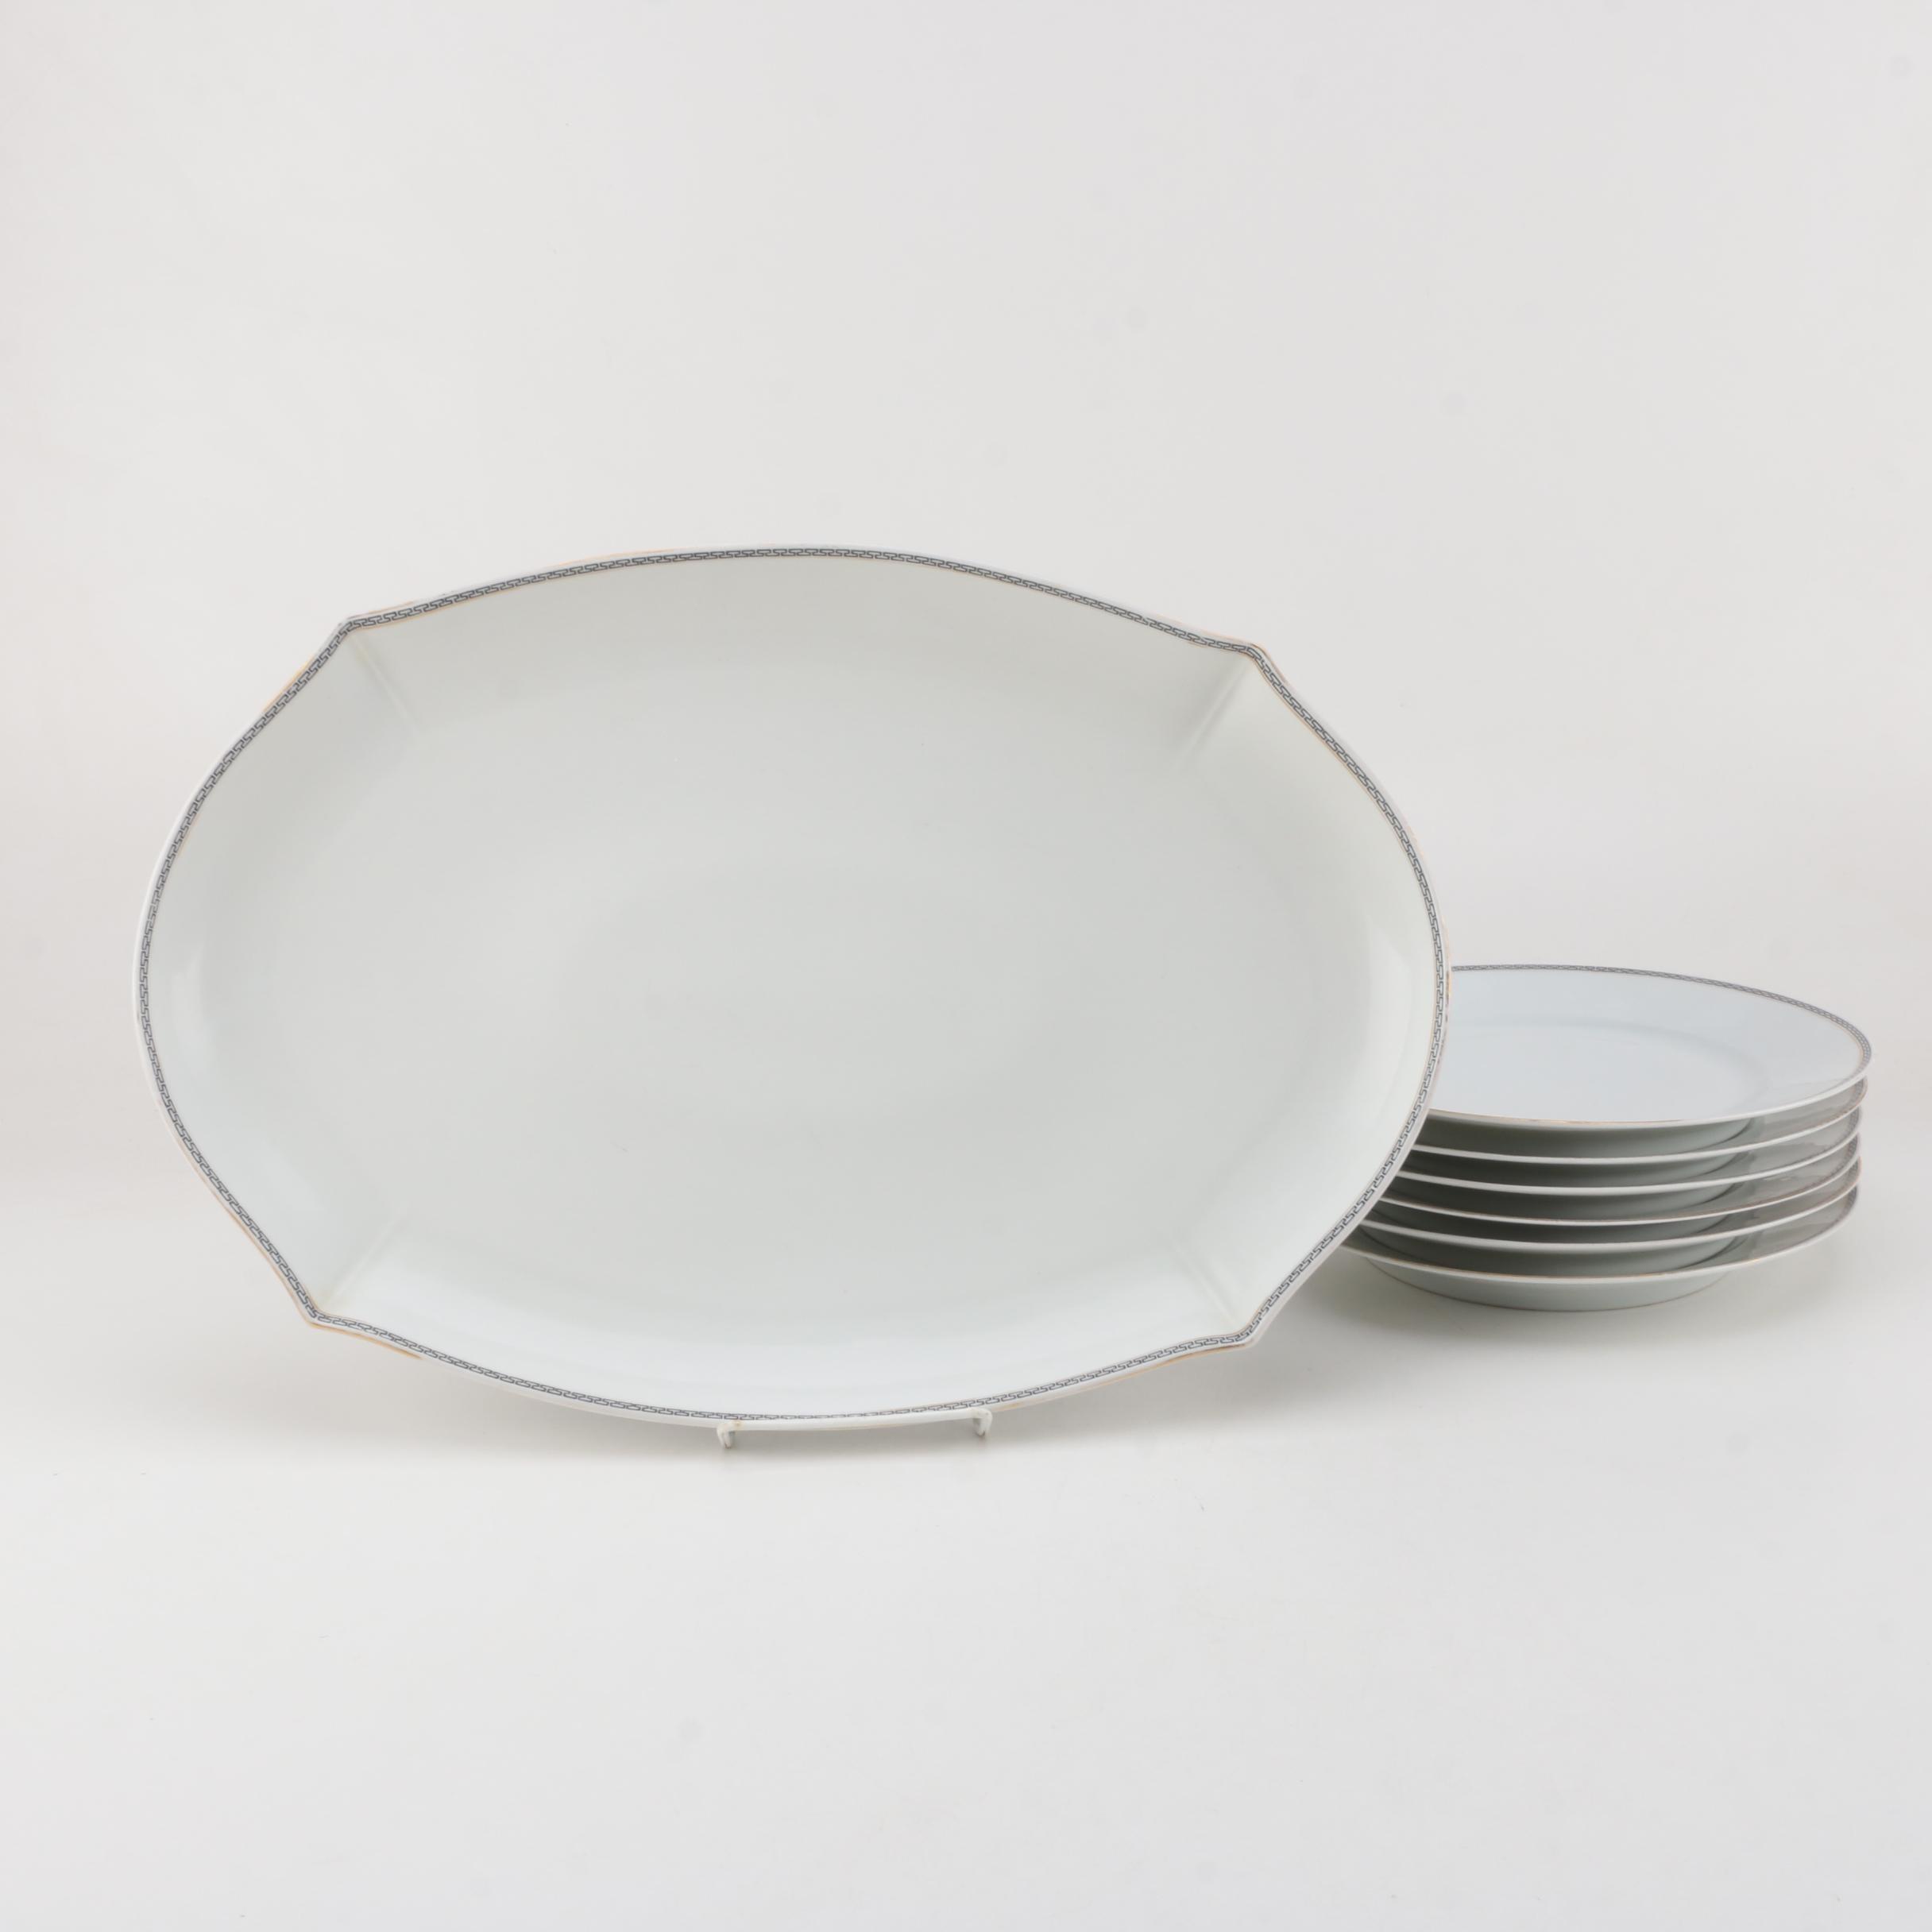 Vintage Seltmann Weiden Tableware